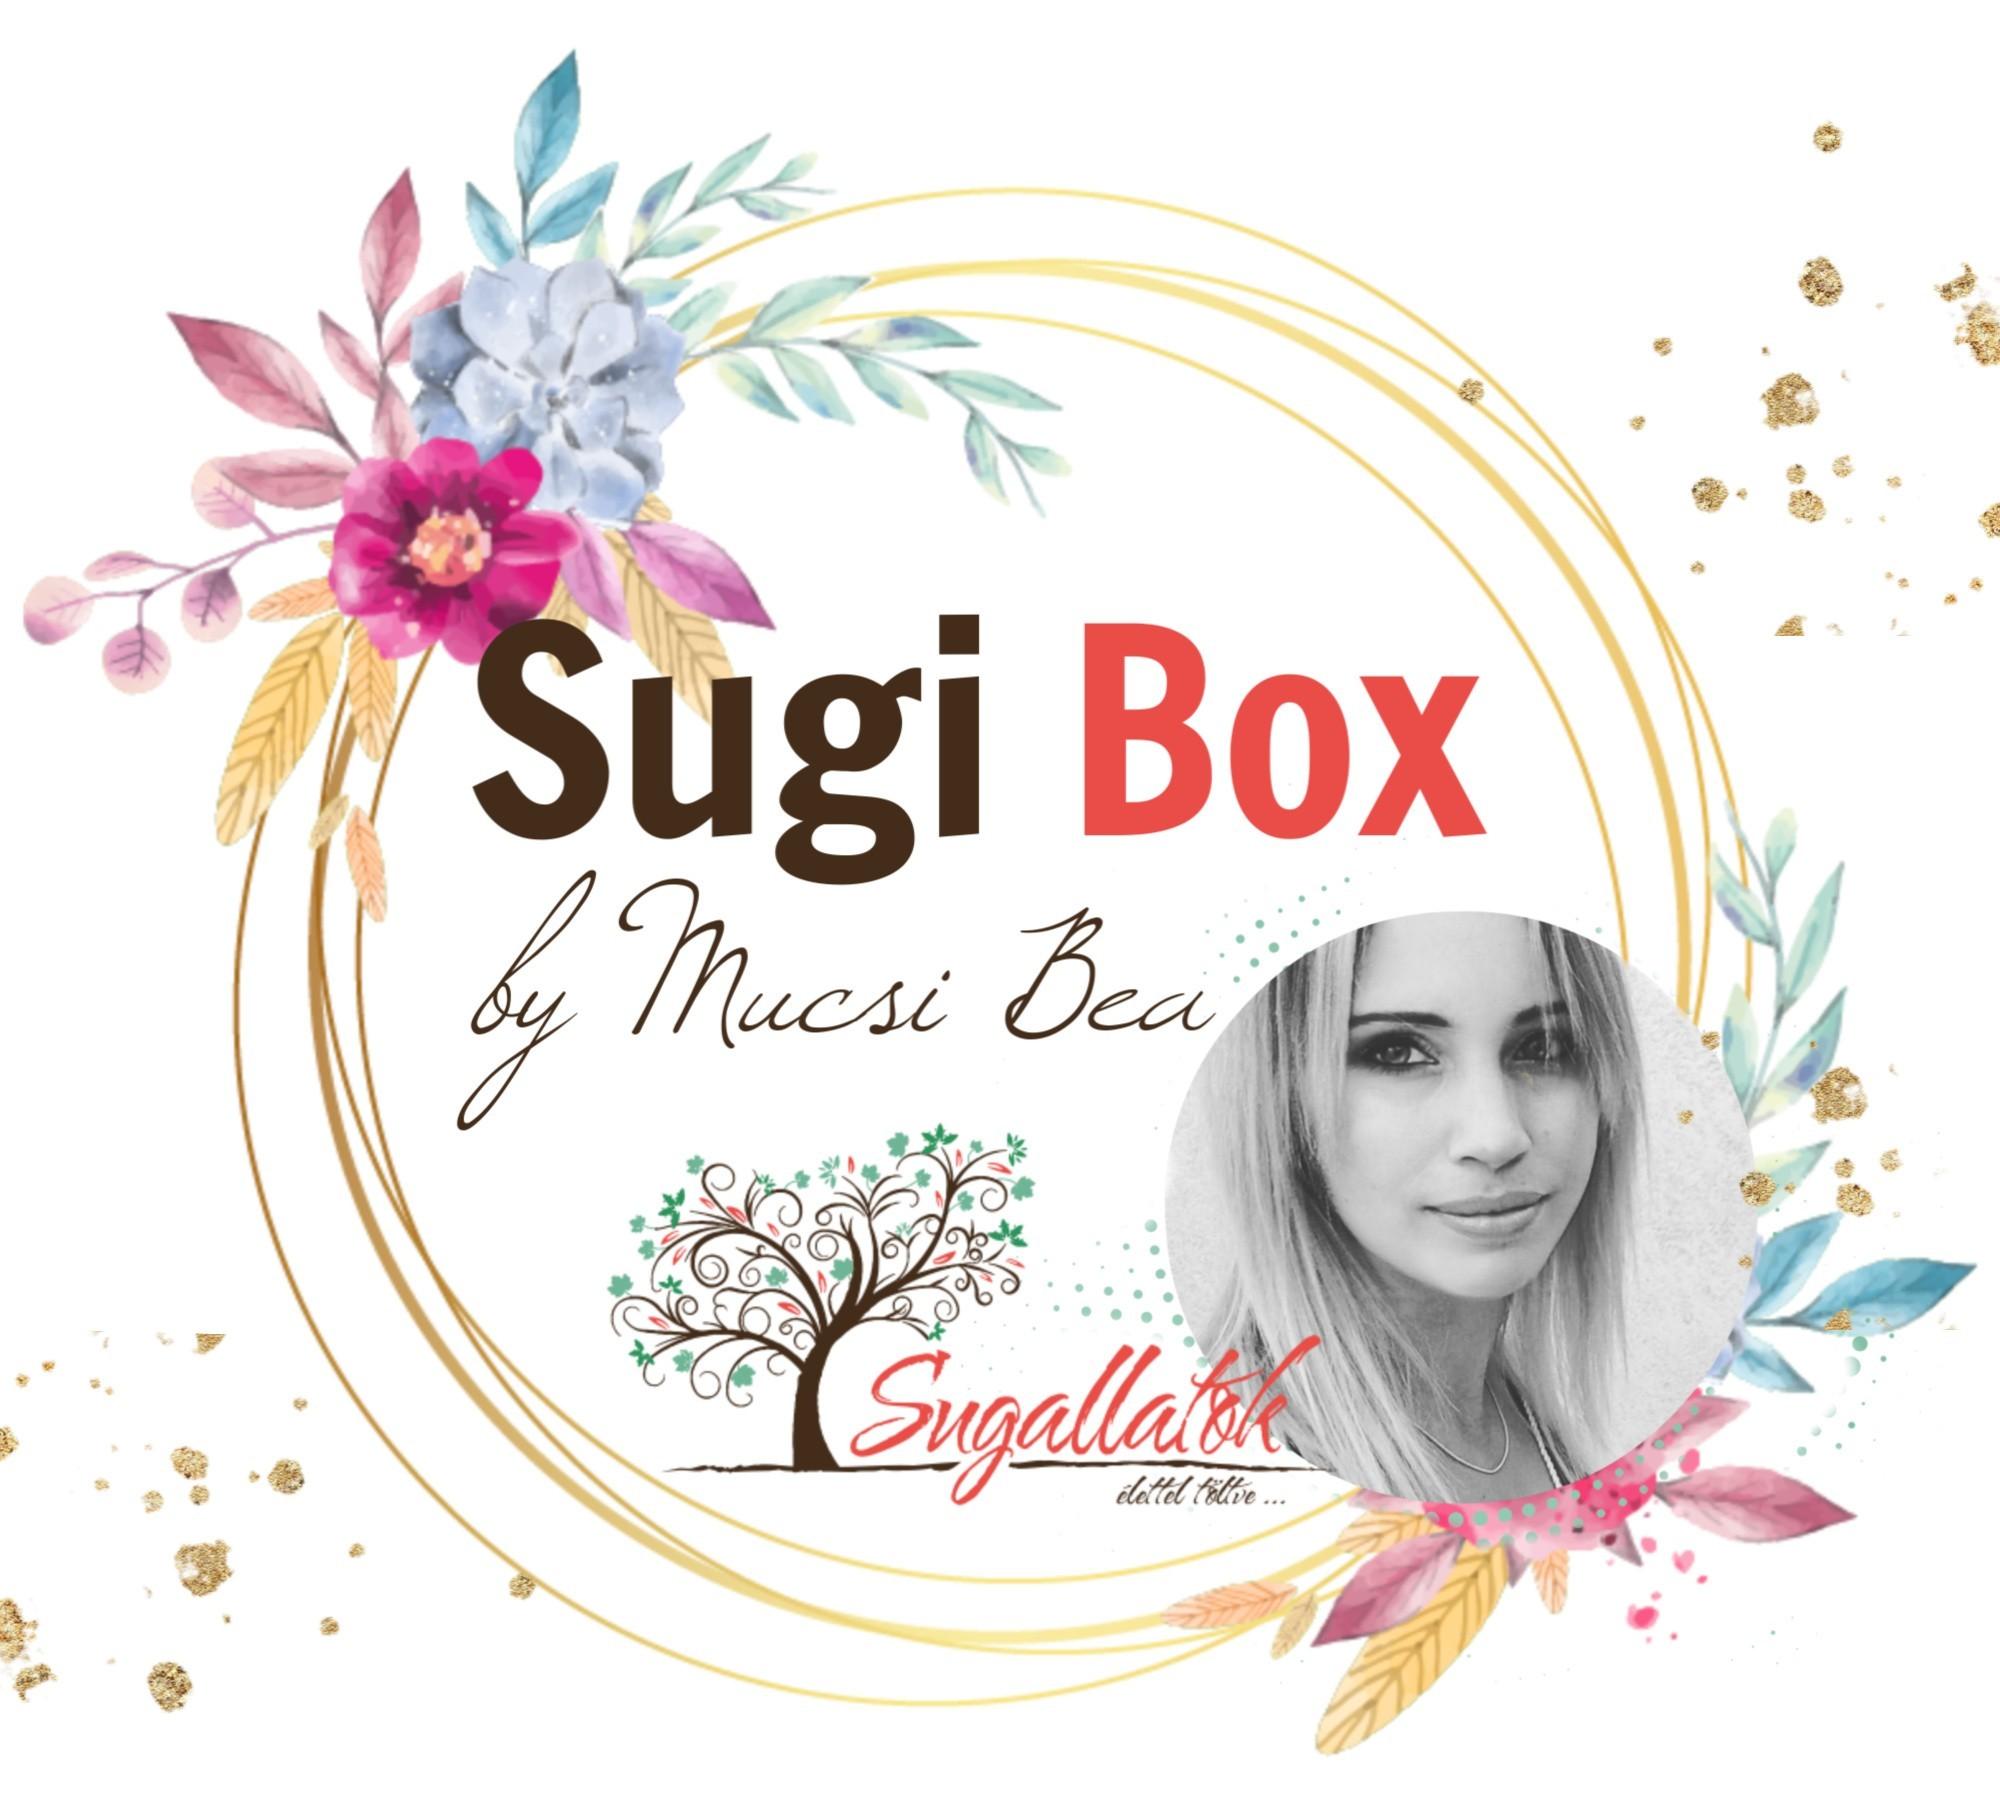 SugiBox by Mucsi Bea